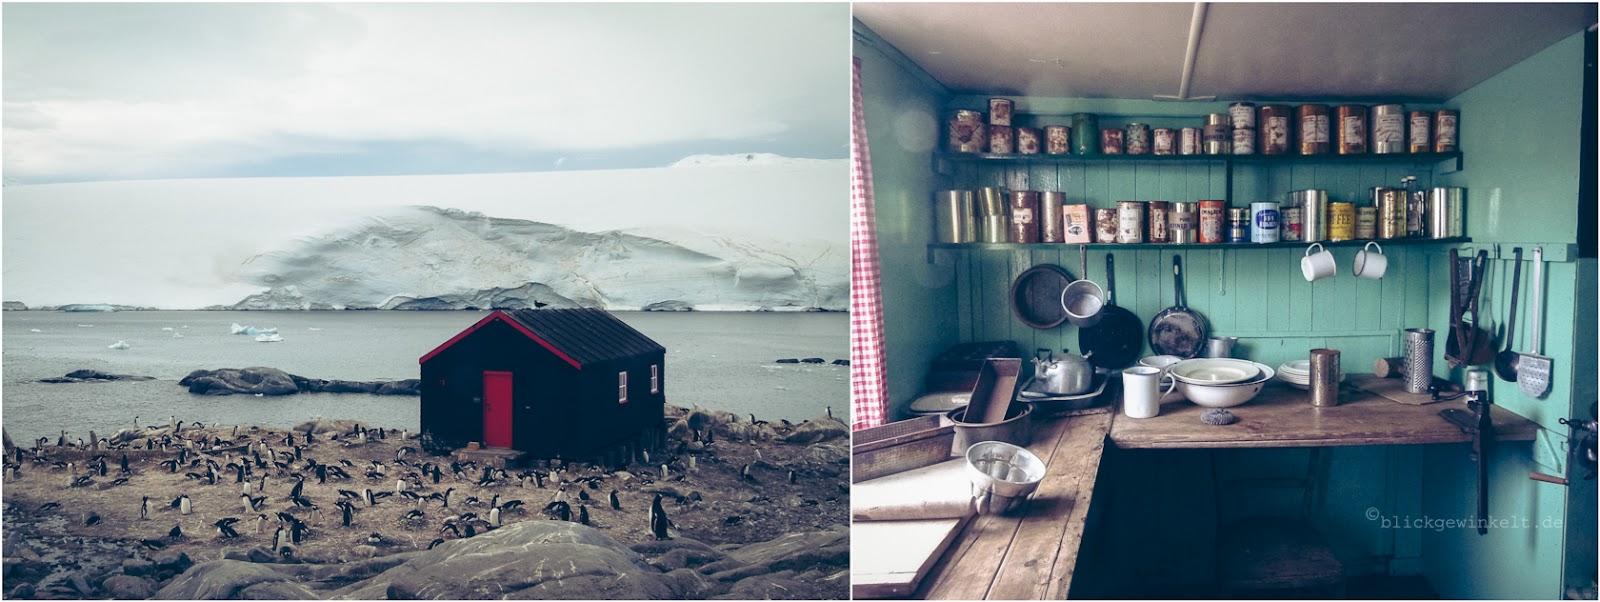 Port Lockroy, Antarktische Halbinsel